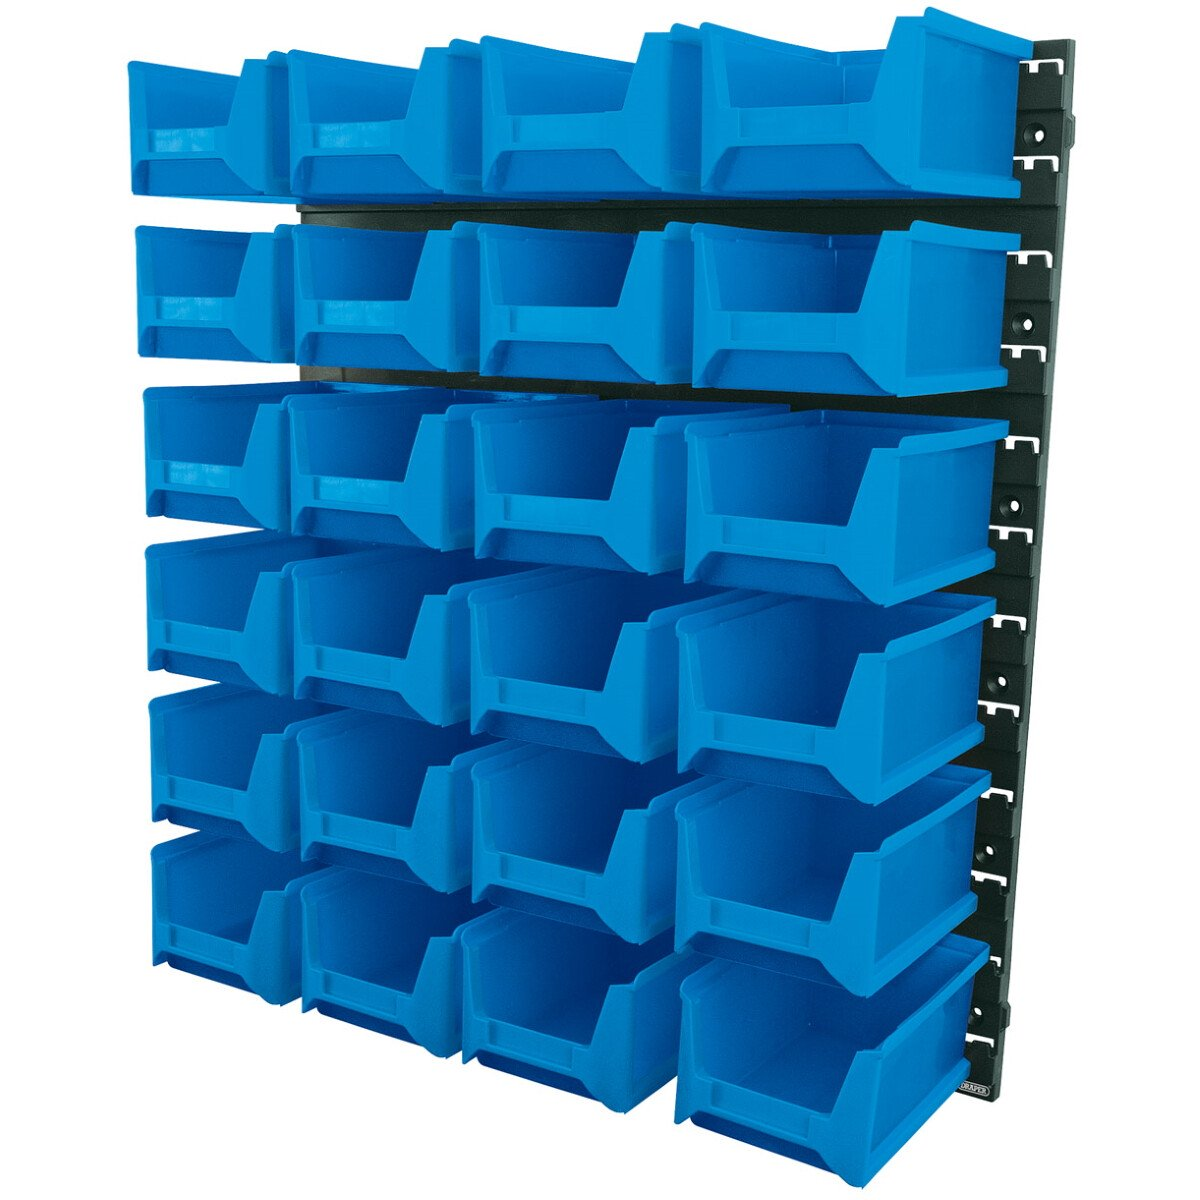 Draper 06797 SBB24B 24 Bin Wall Storage Unit (Large Bins) 483 x 540mm Board Size